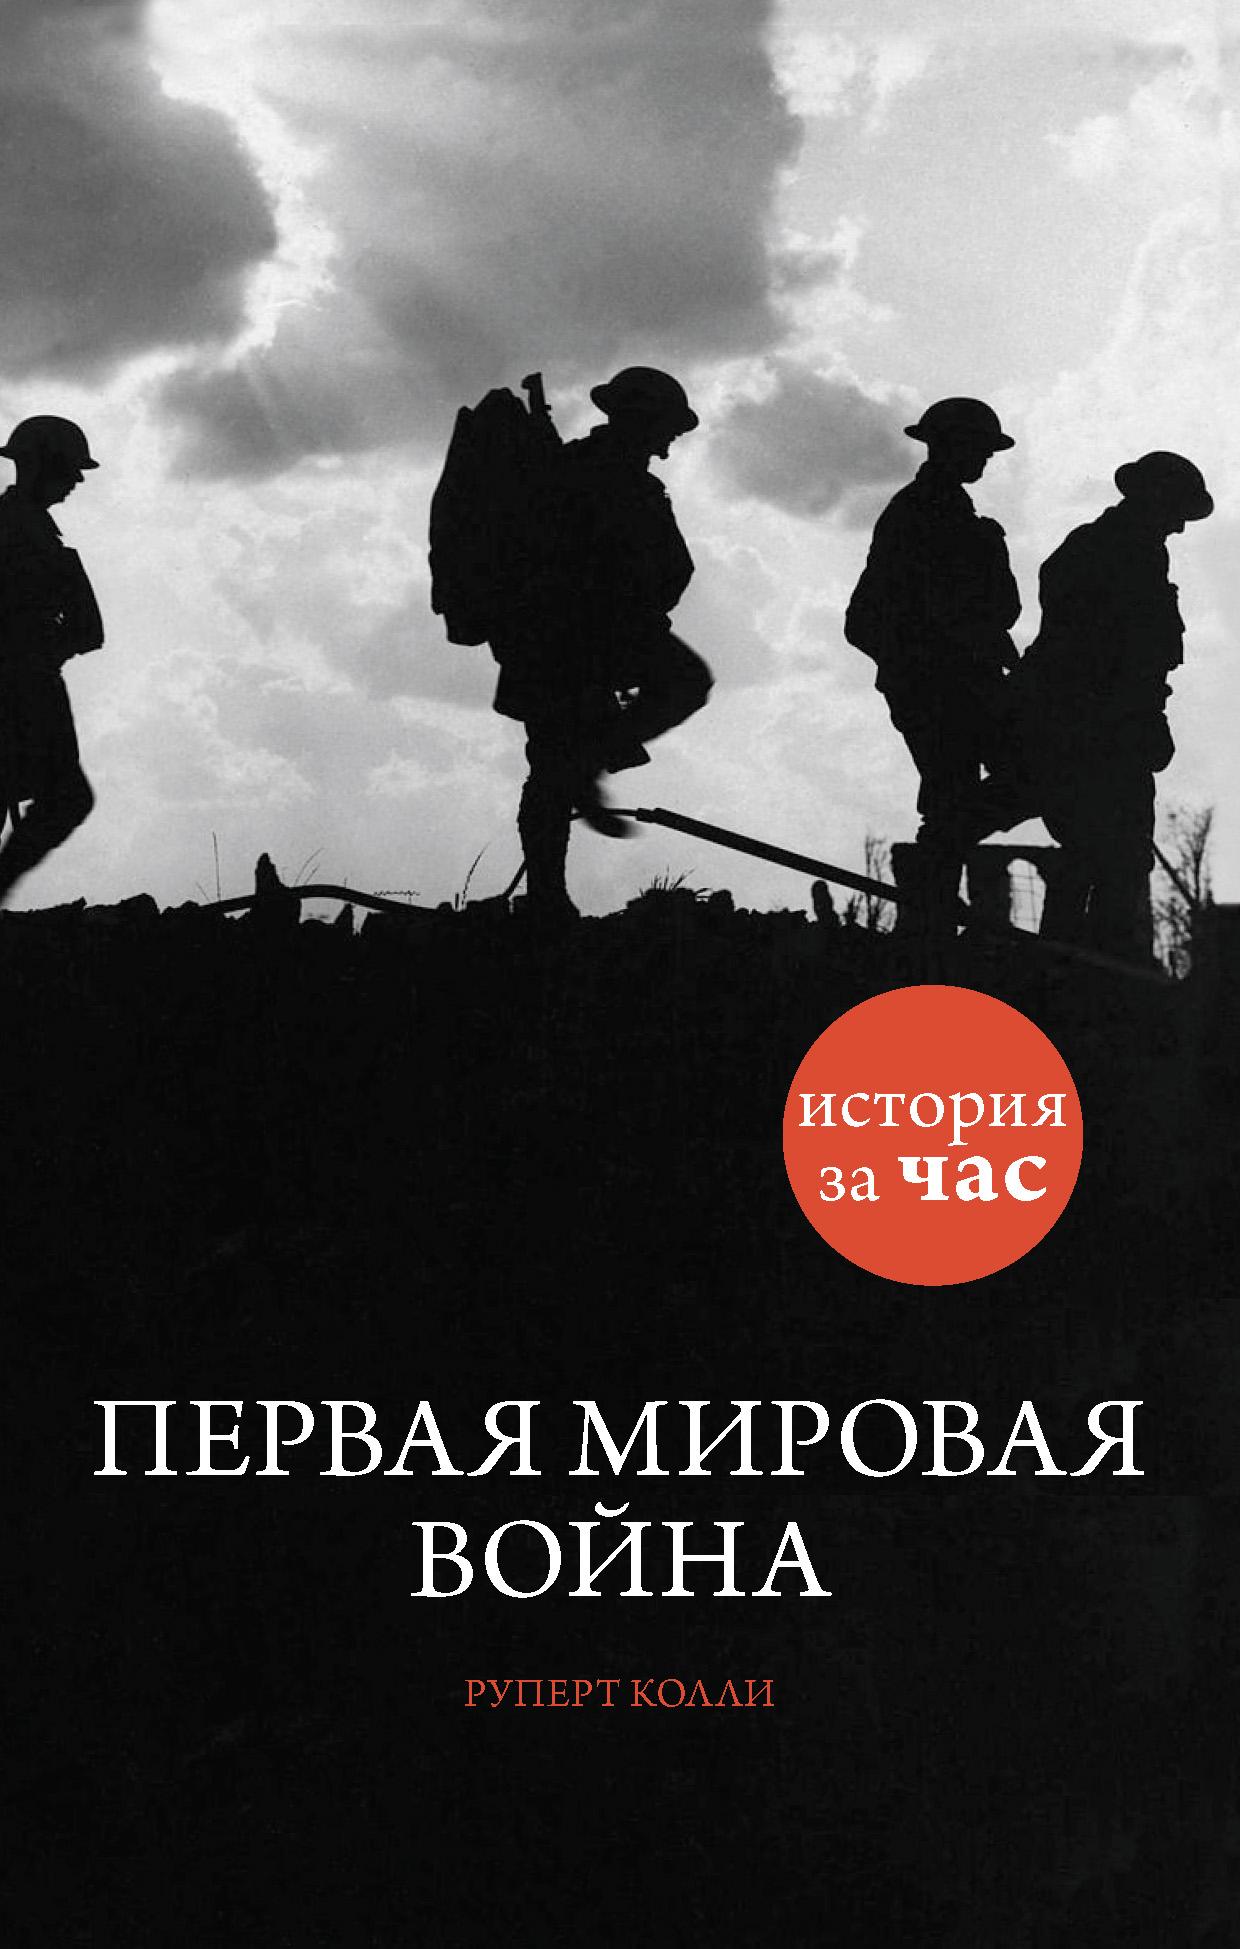 Руперт Колли Первая мировая война руперт колли вторая мировая война